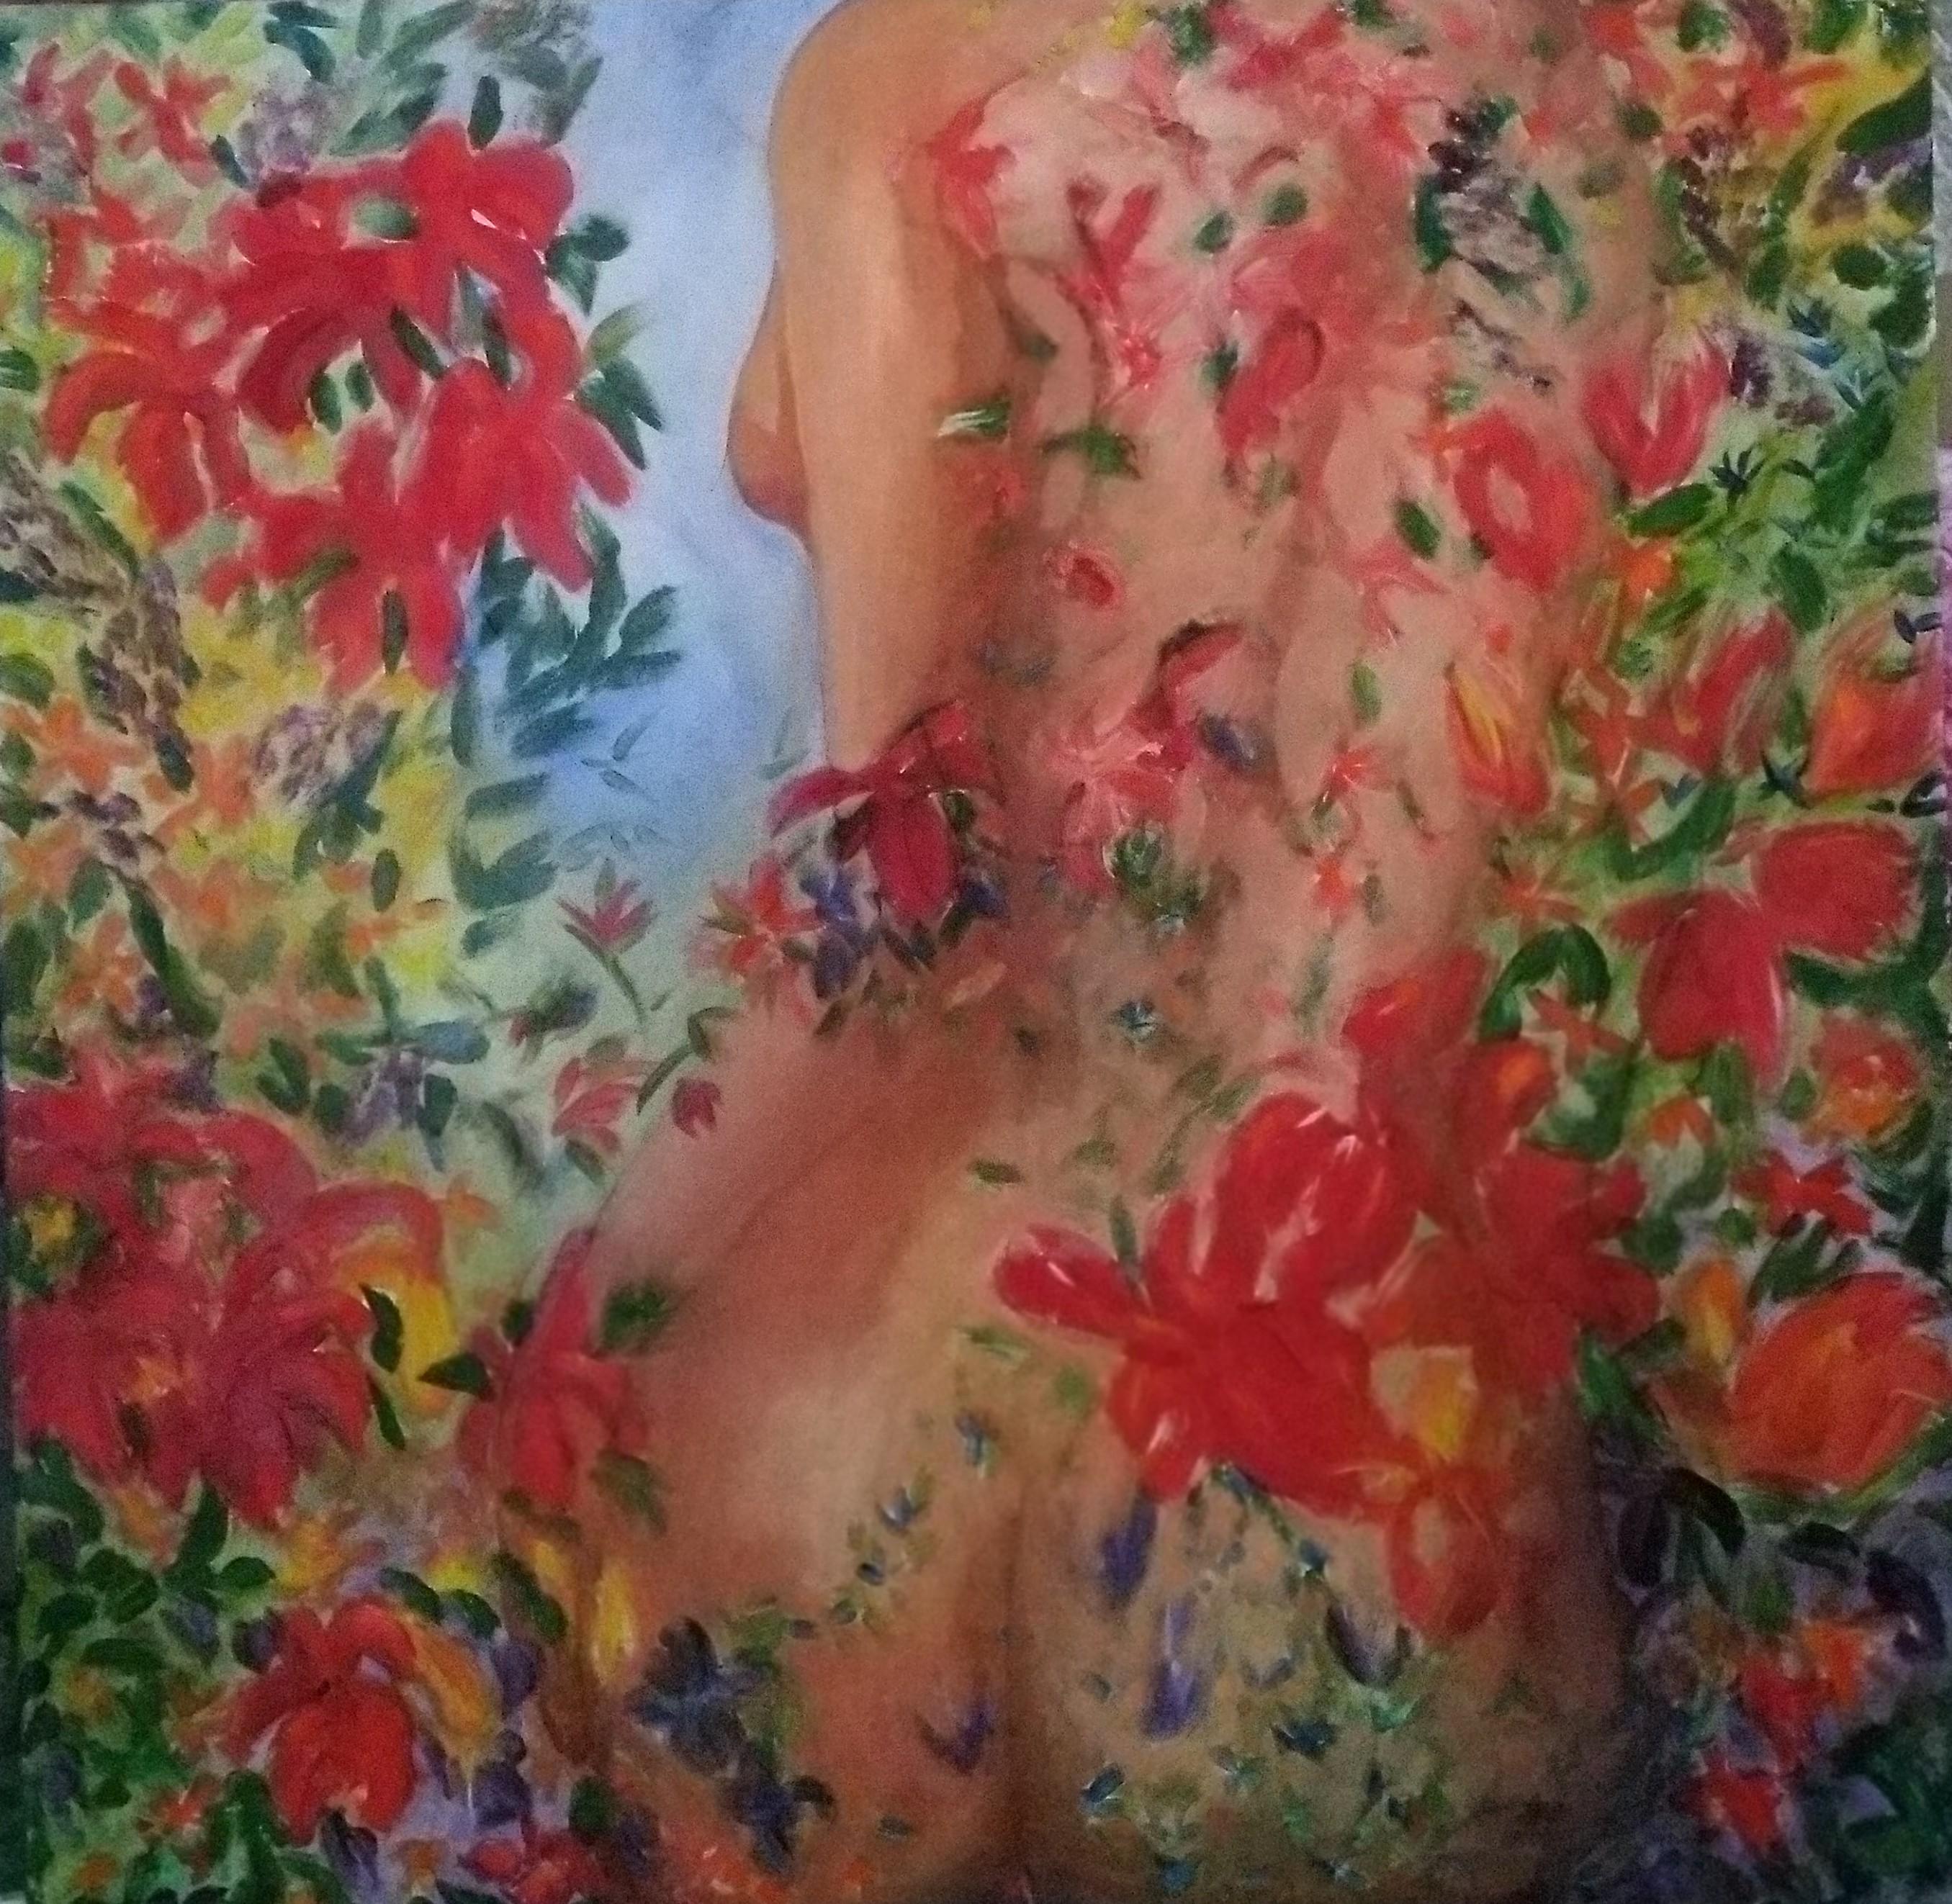 Kareno Maarit, Nämä kukat ihollani, sekatekniikka_80x80cm_2019